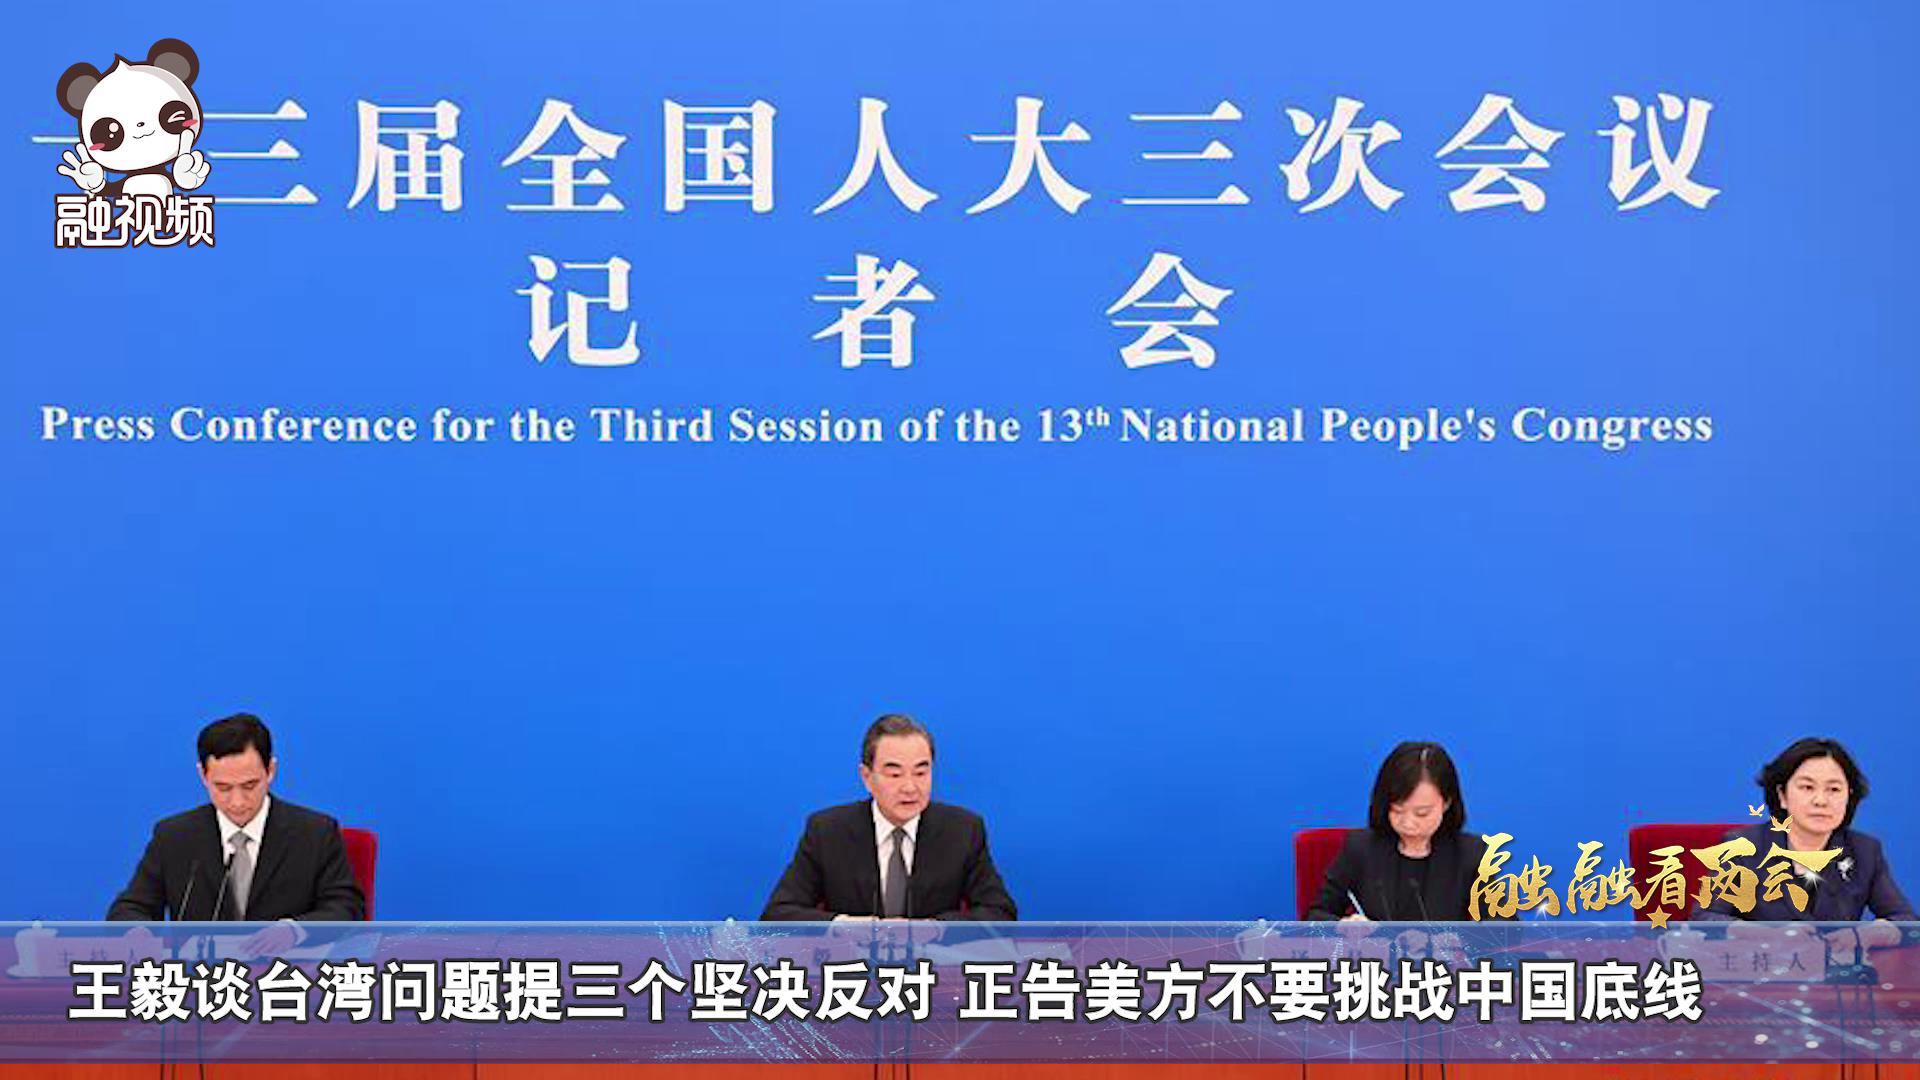 【融融看两会】王毅谈台湾问题提三个坚决反对 正告美方不要挑战中国底线图片